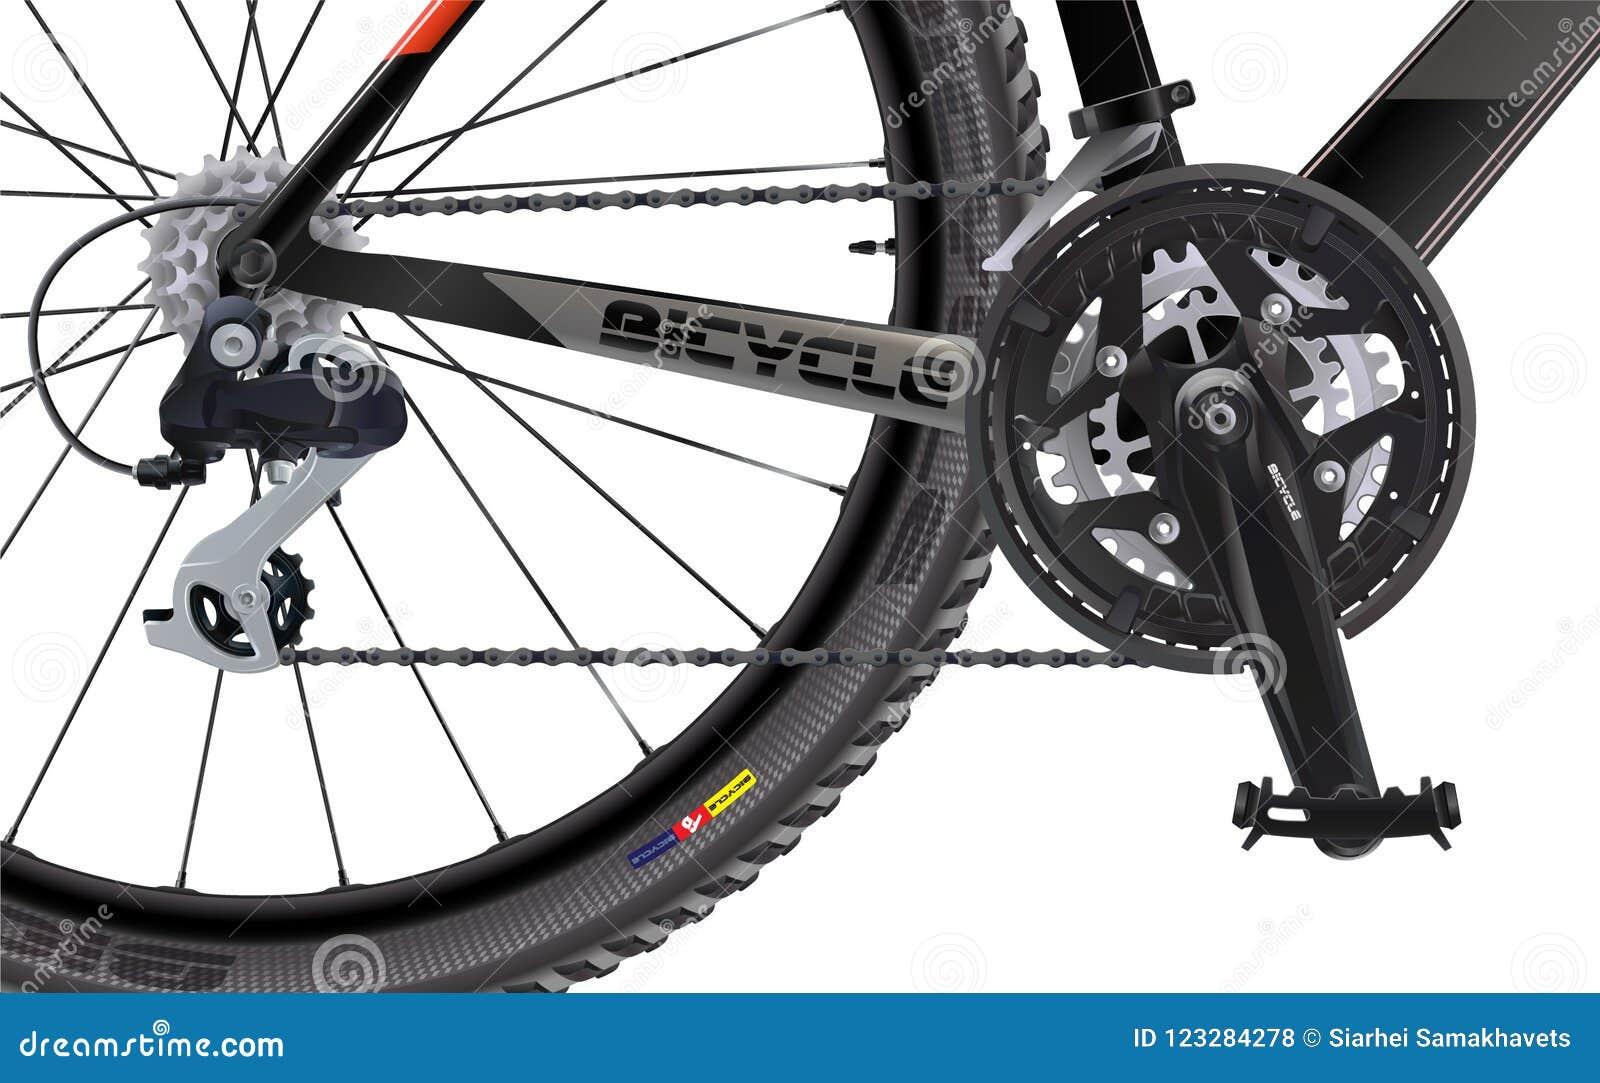 De fiets van de sportenberg Zachte nadruk Hoog - realistische kwaliteit Een reeks kettingstanden voor een fiets